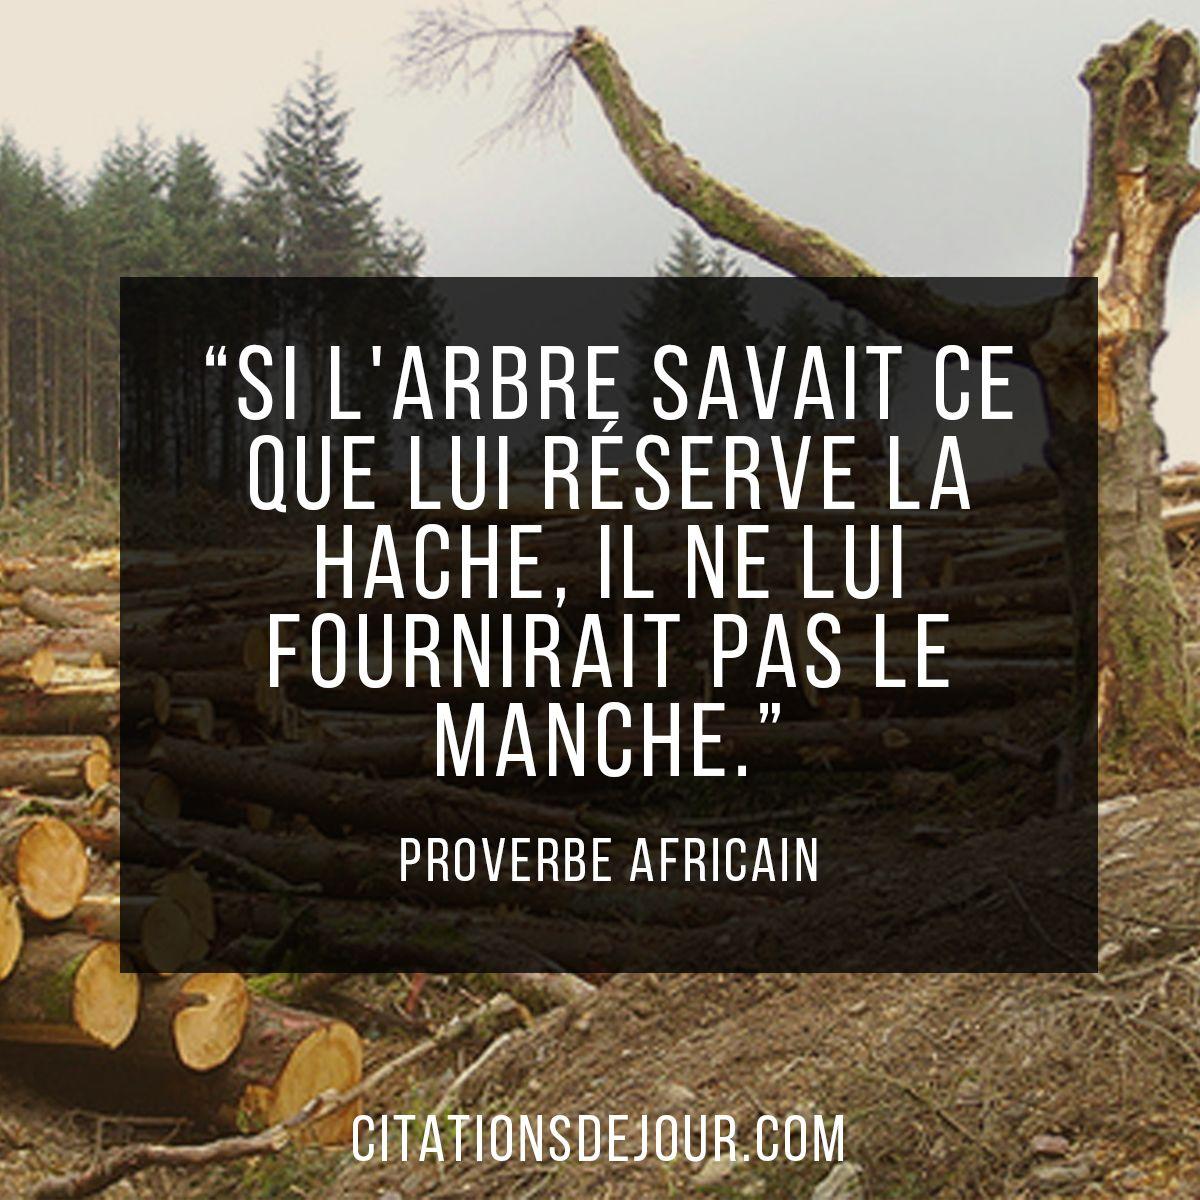 Proverbe africain sur la nature de Diouf Boucar | Réflexions